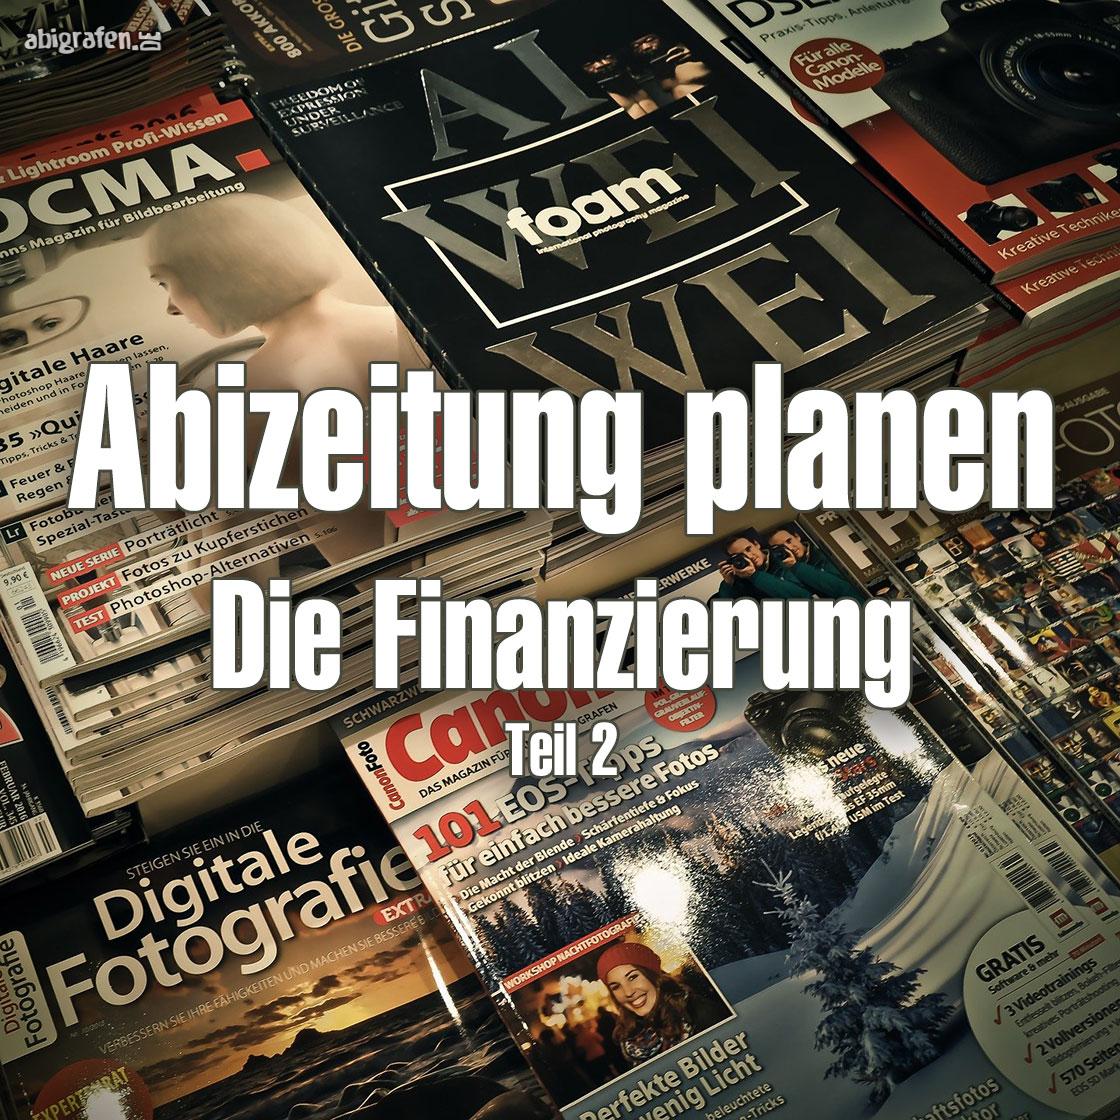 Abizeitung planen: Die Finanzierung einer Abizeitung